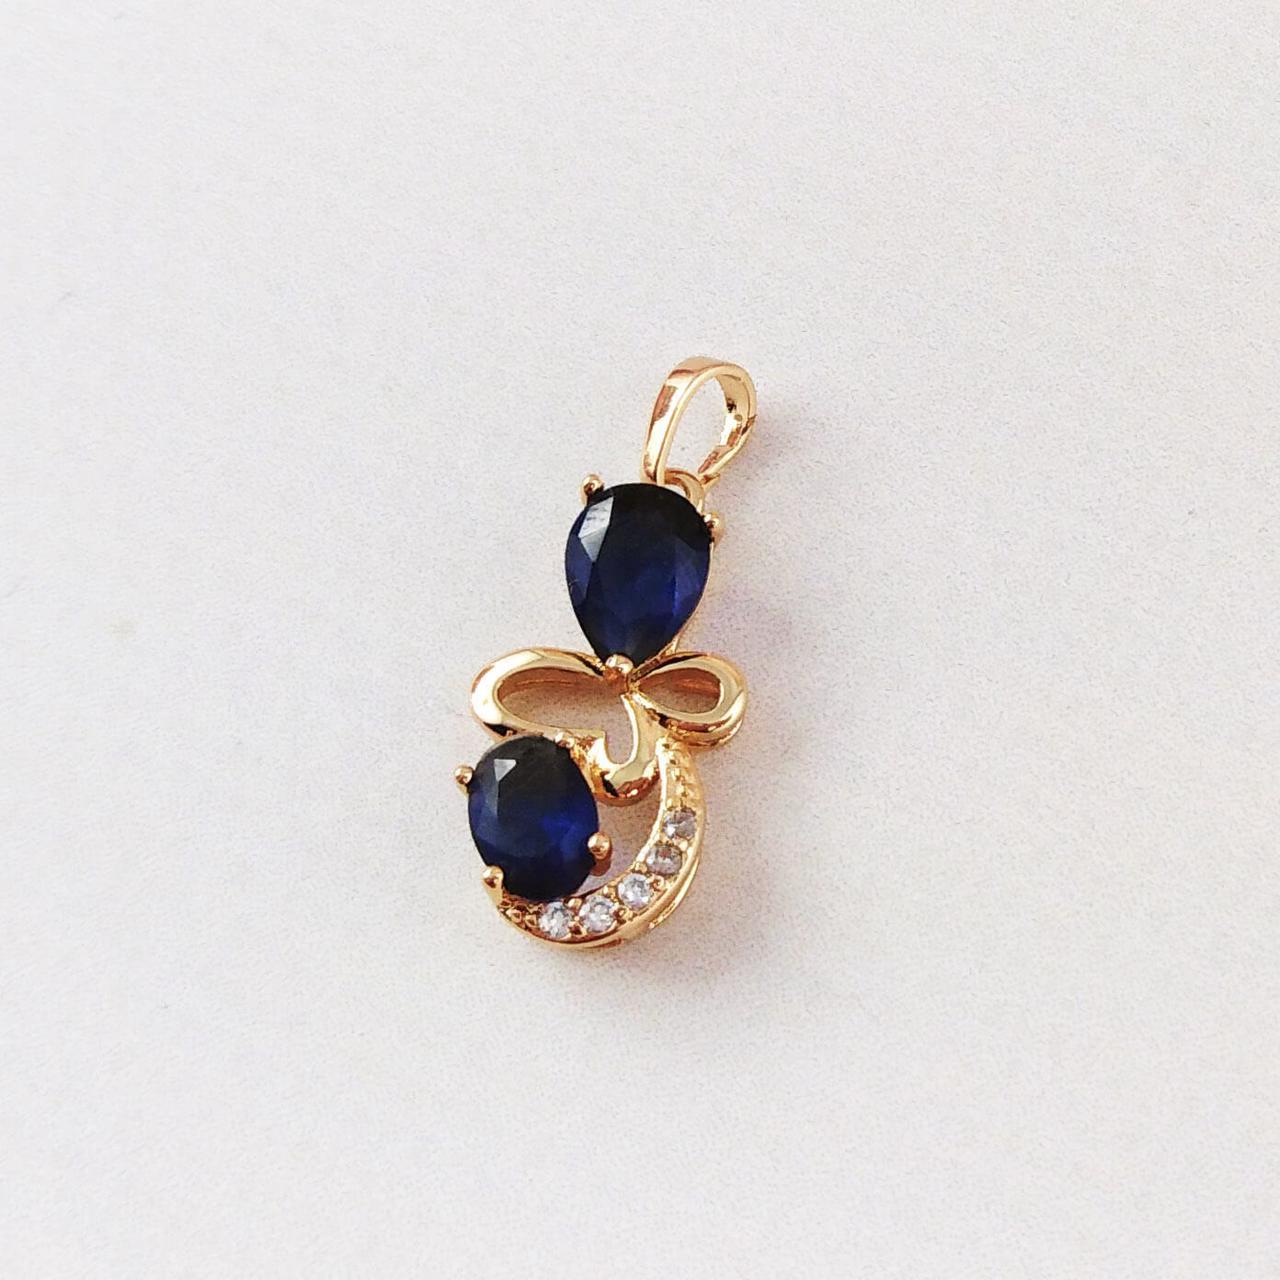 Кулон Xuping Jewelry Изящность медицинское золото, позолота 18К. А/В 4522